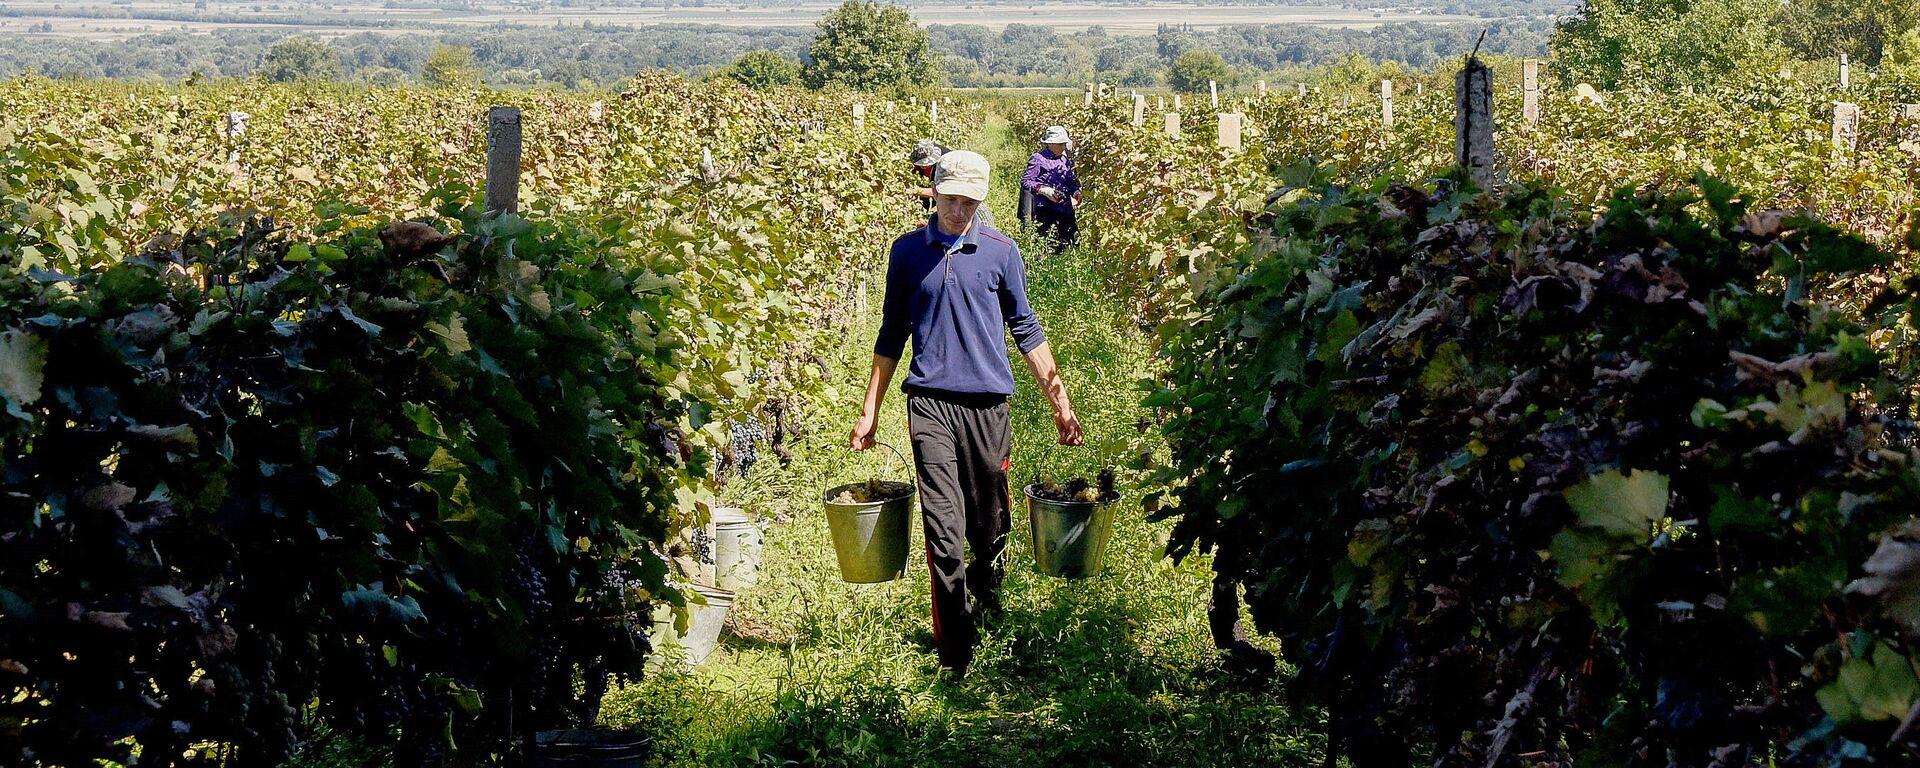 Ртвели в Кахети - сбор урожая винограда в Восточной Грузии - Sputnik Грузия, 1920, 01.09.2021